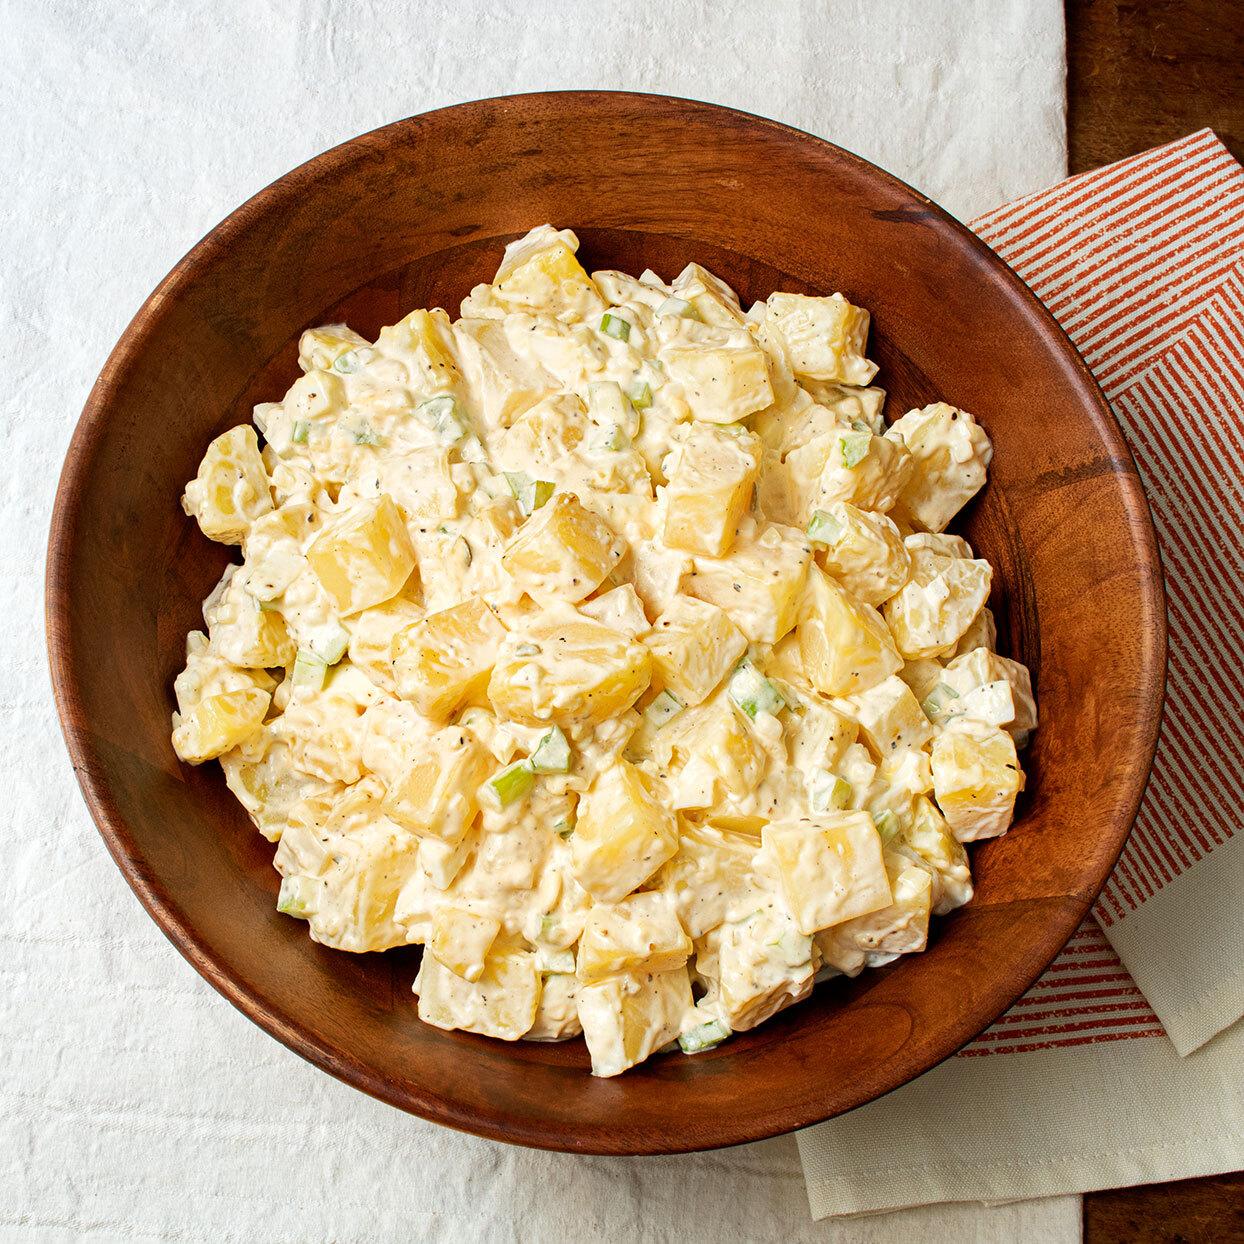 Jessica's Potato Salad Trusted Brands